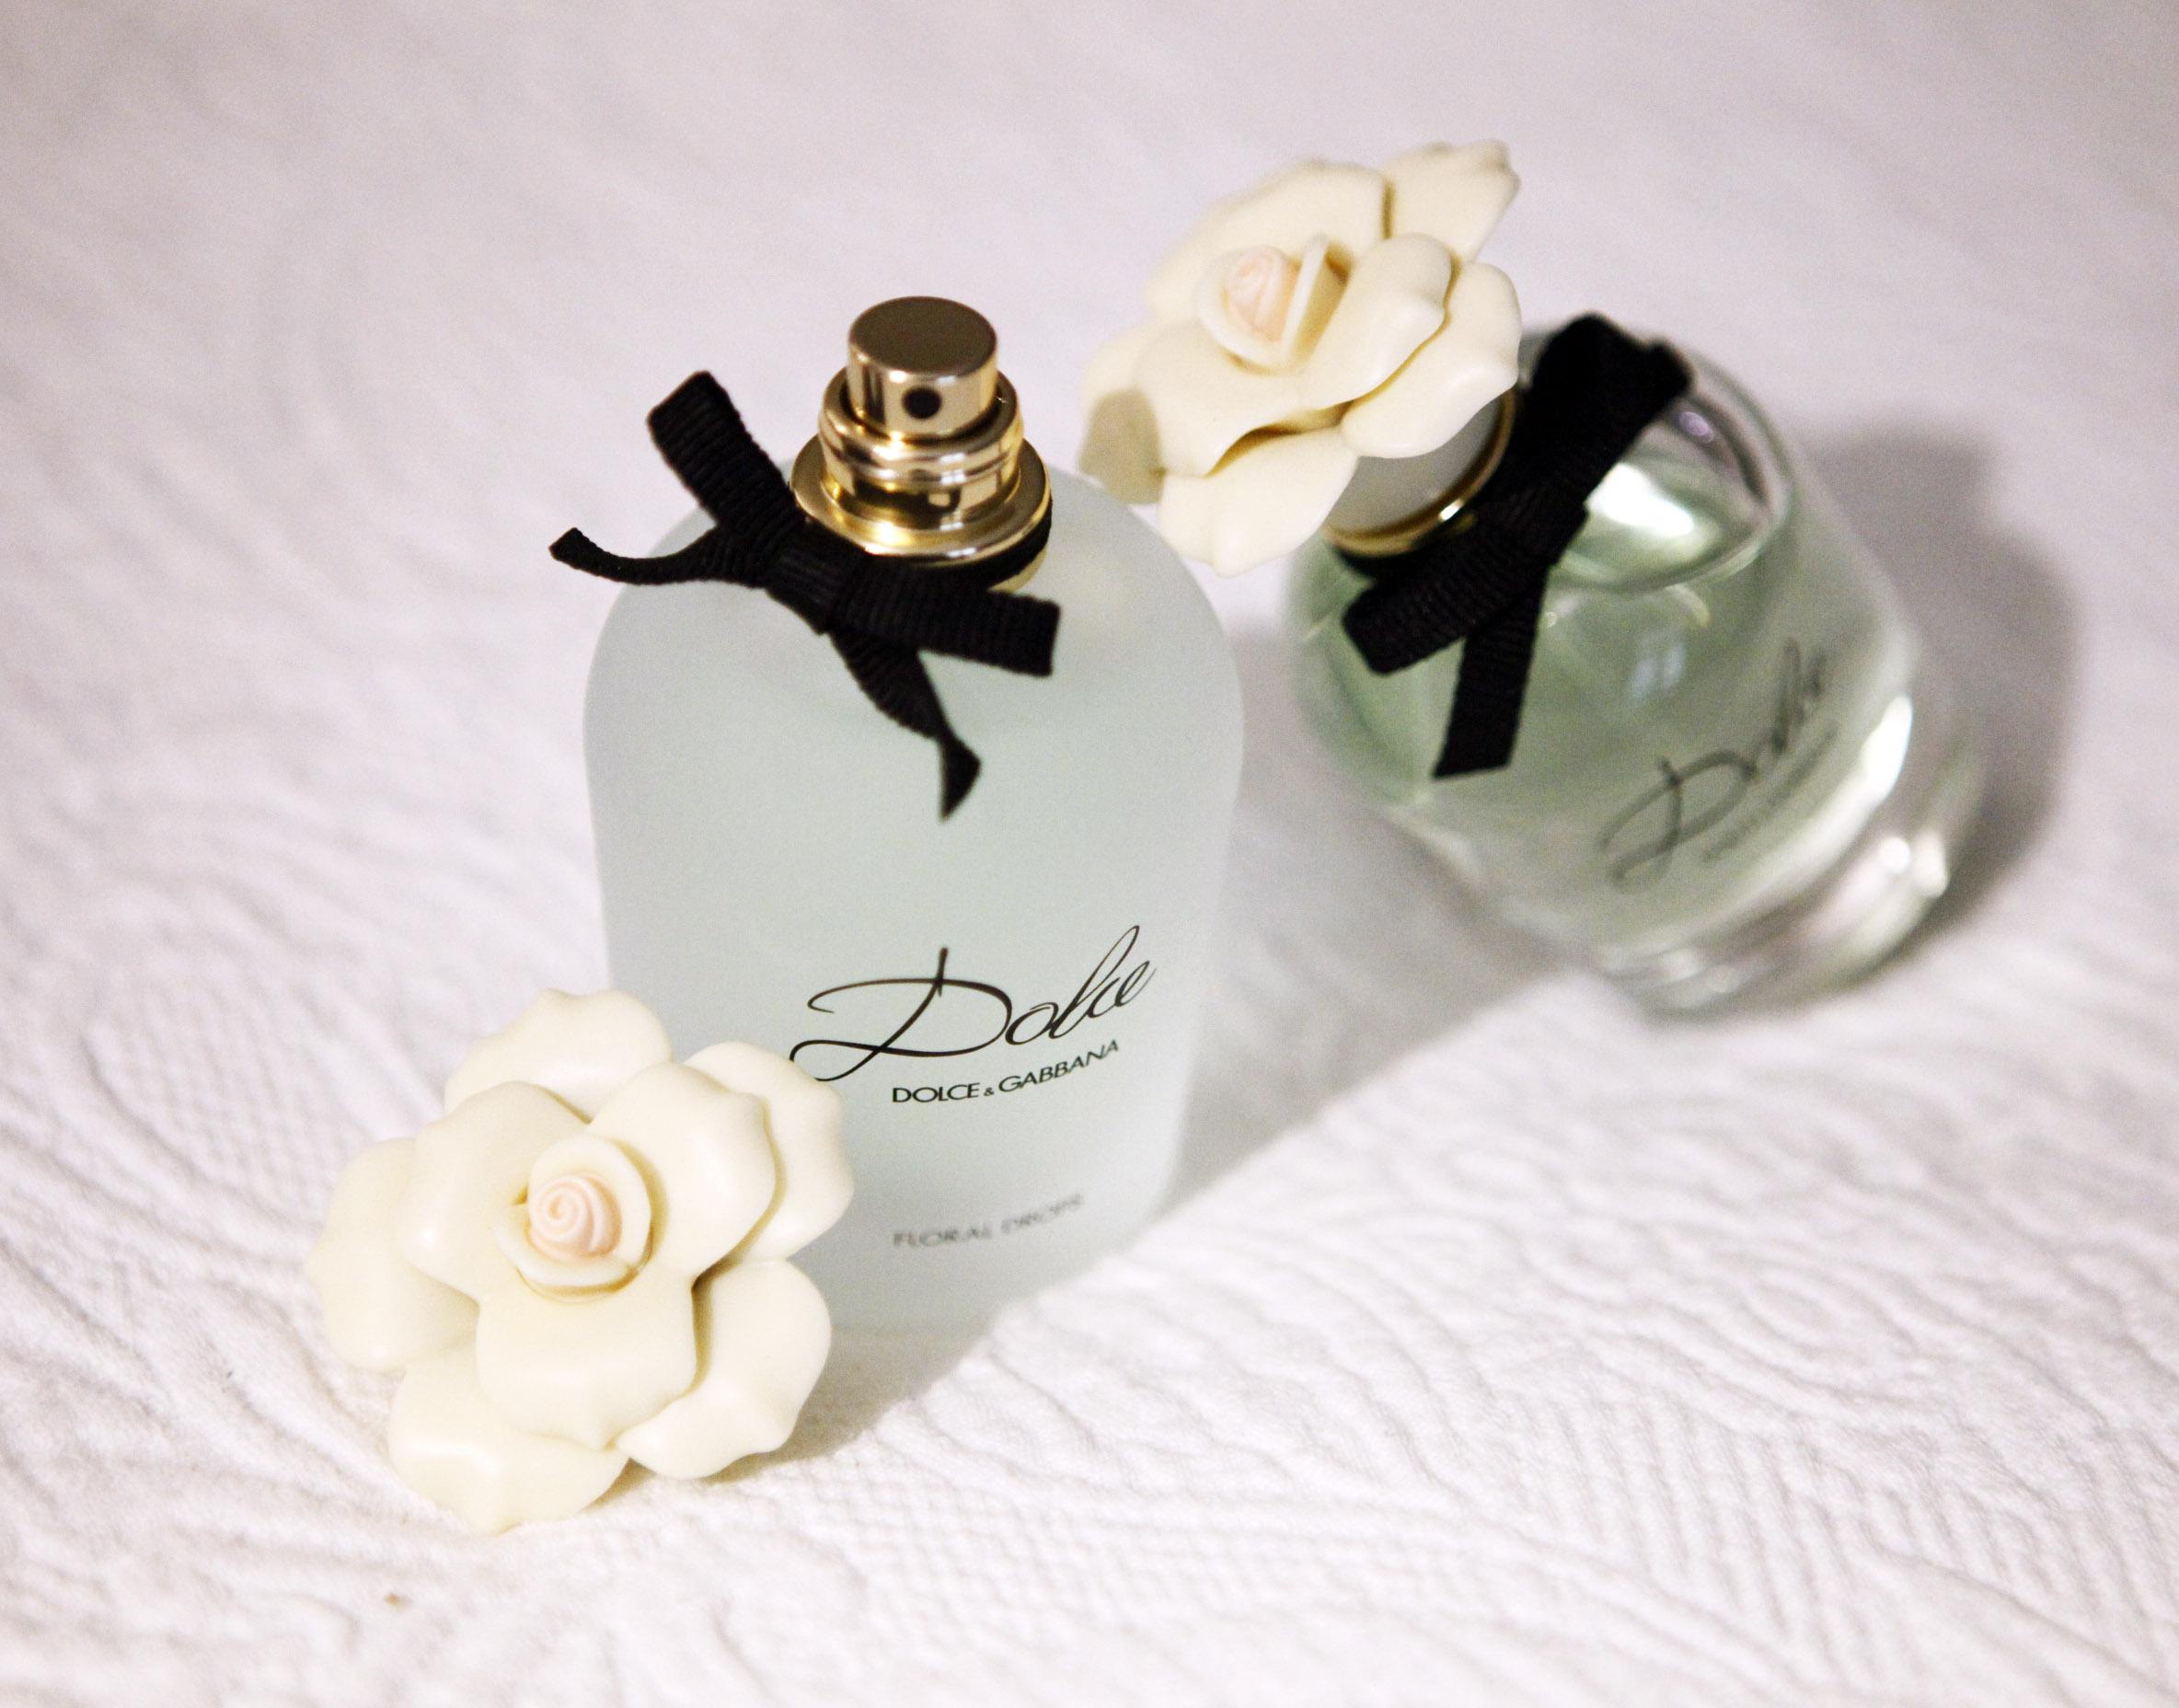 Dolce Floral Drops dolce parfum